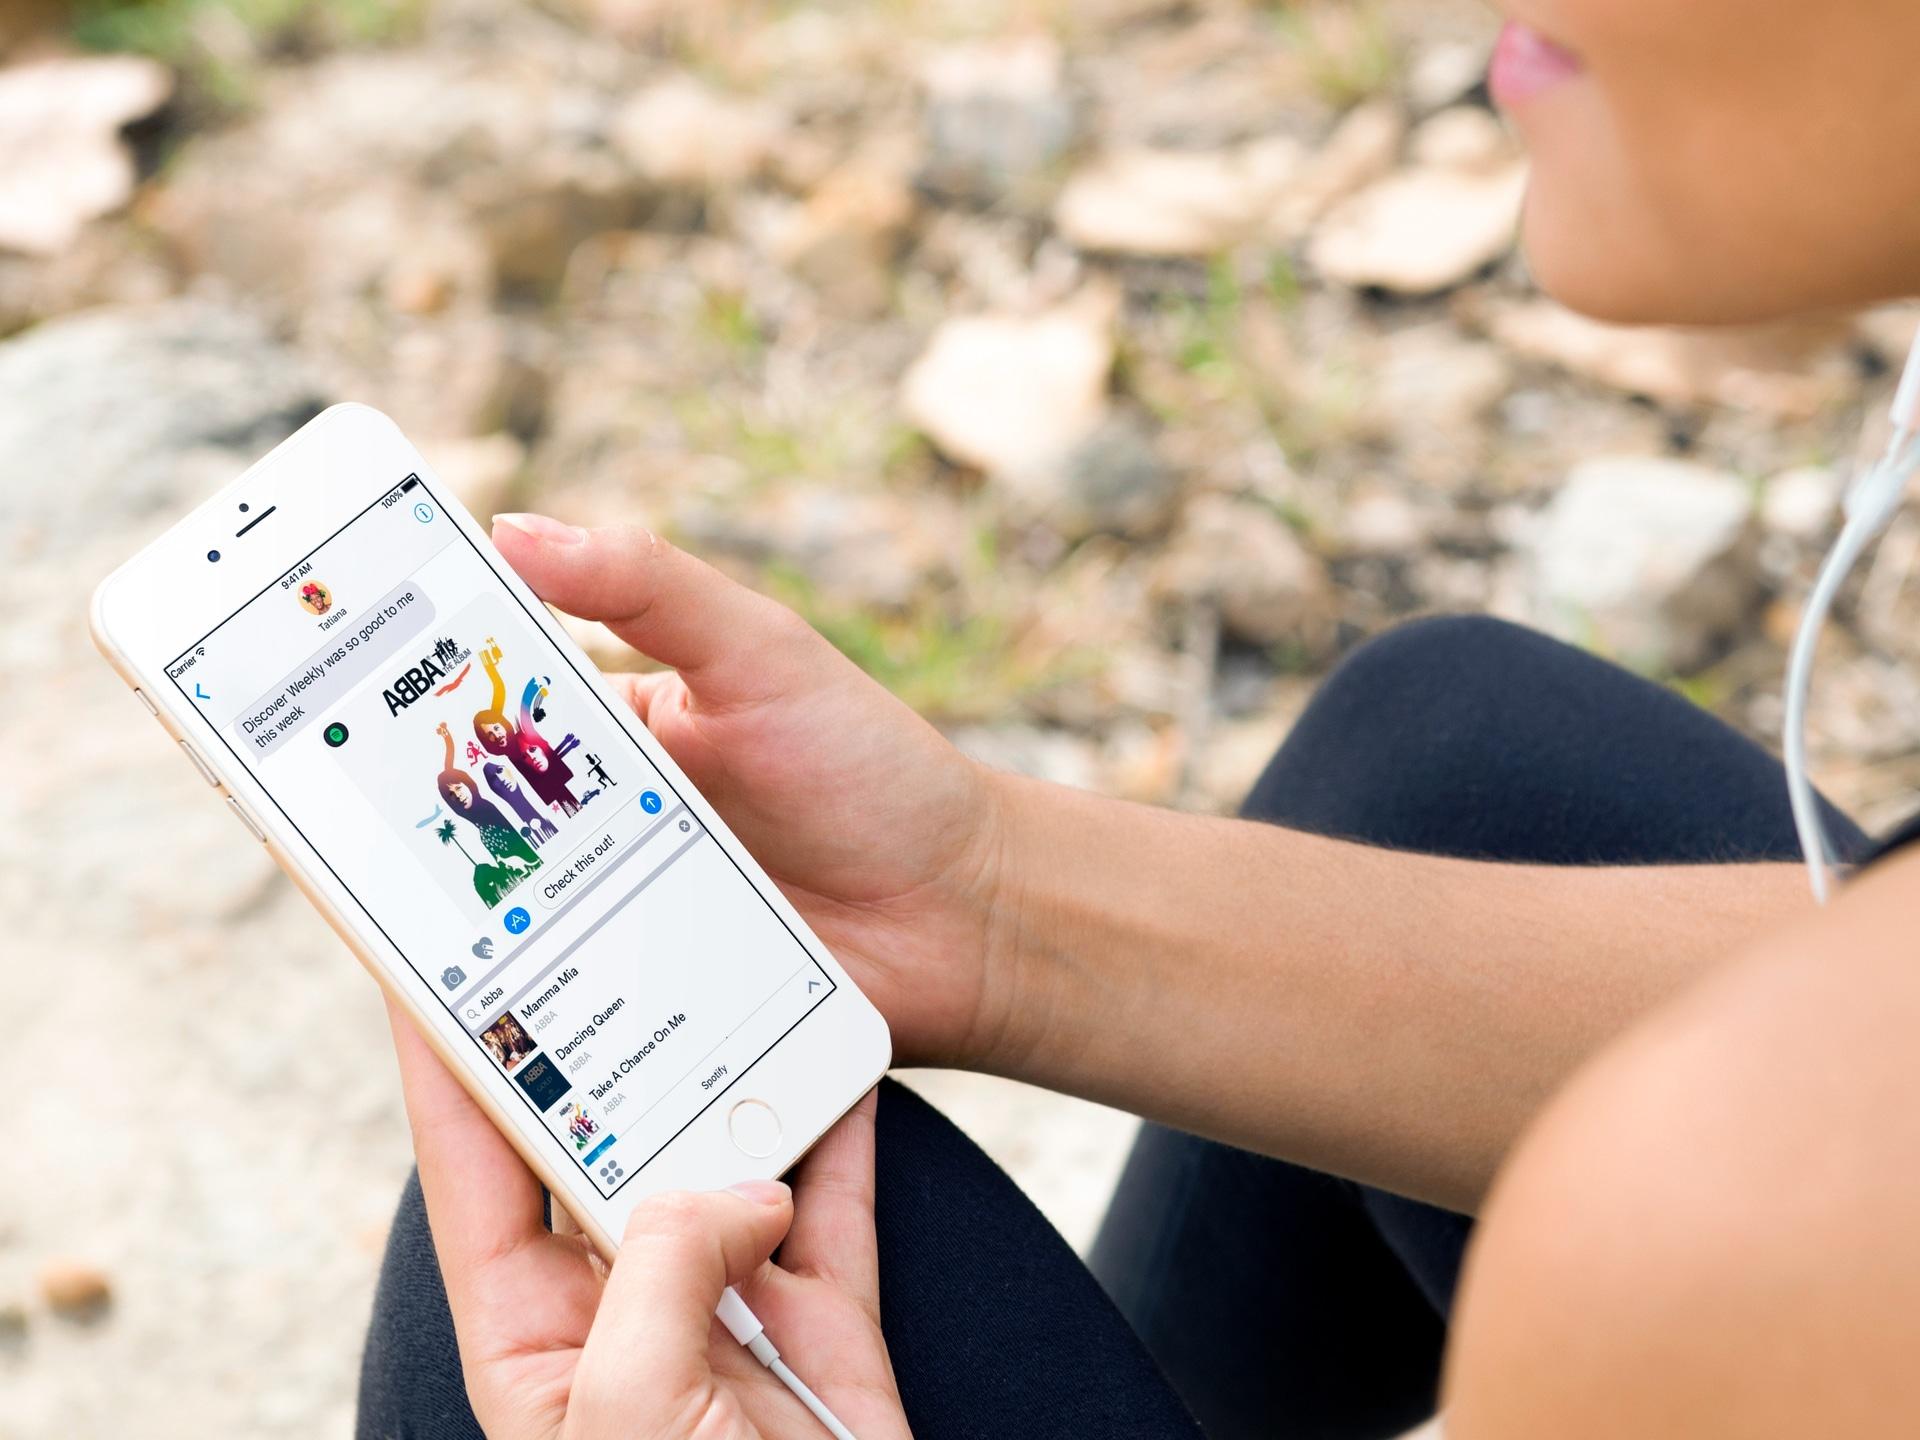 Samuti on iOS-iga integreeritud iOS-i rakendus Spotify